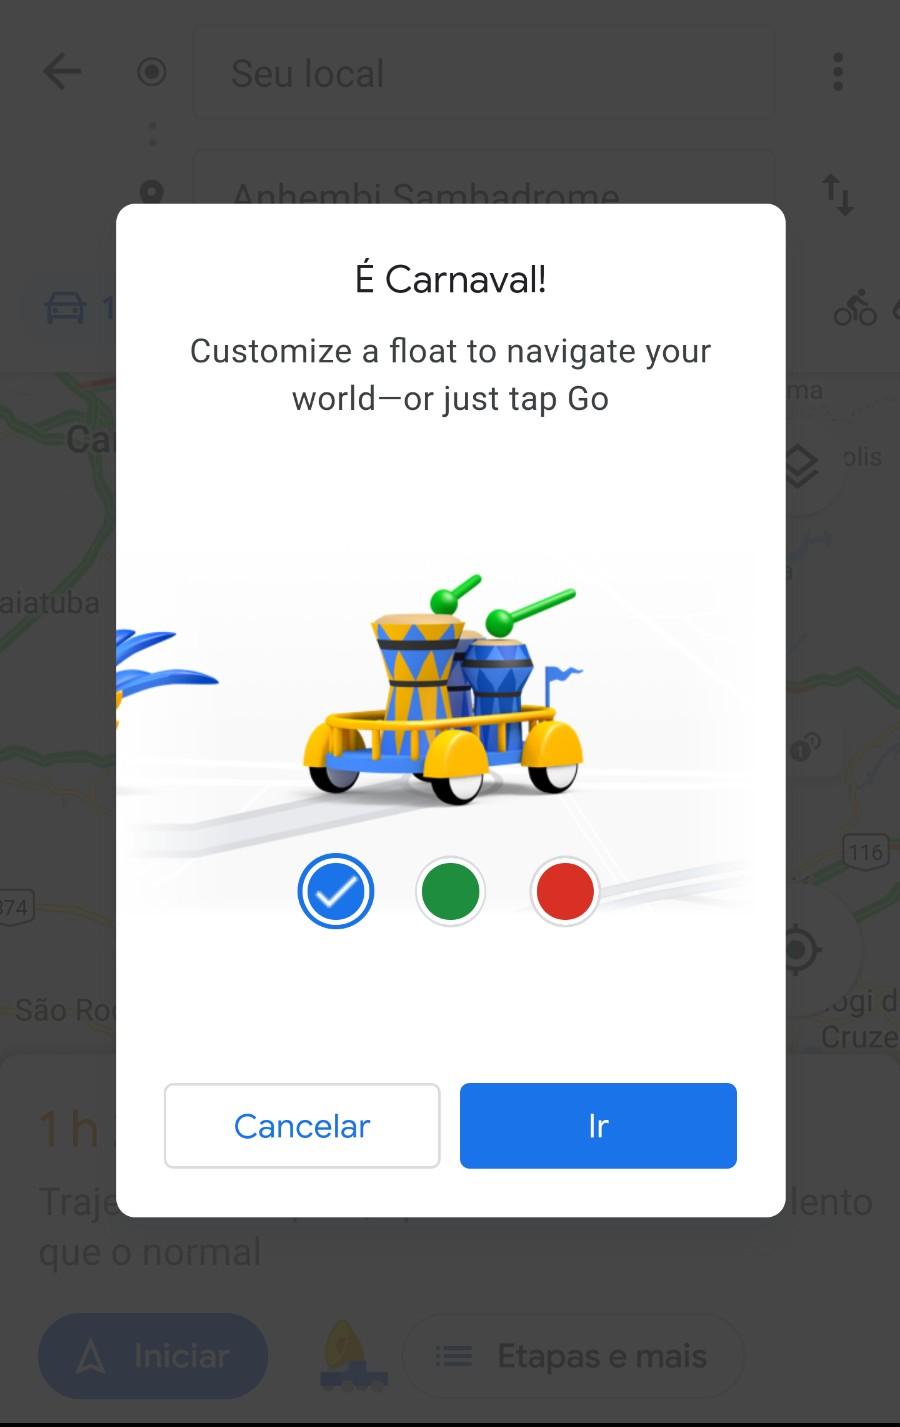 Os usuários poderão personalizar o ícone de navegação do Google Maps durante o Carnaval (Foto: Divulgação/Google)